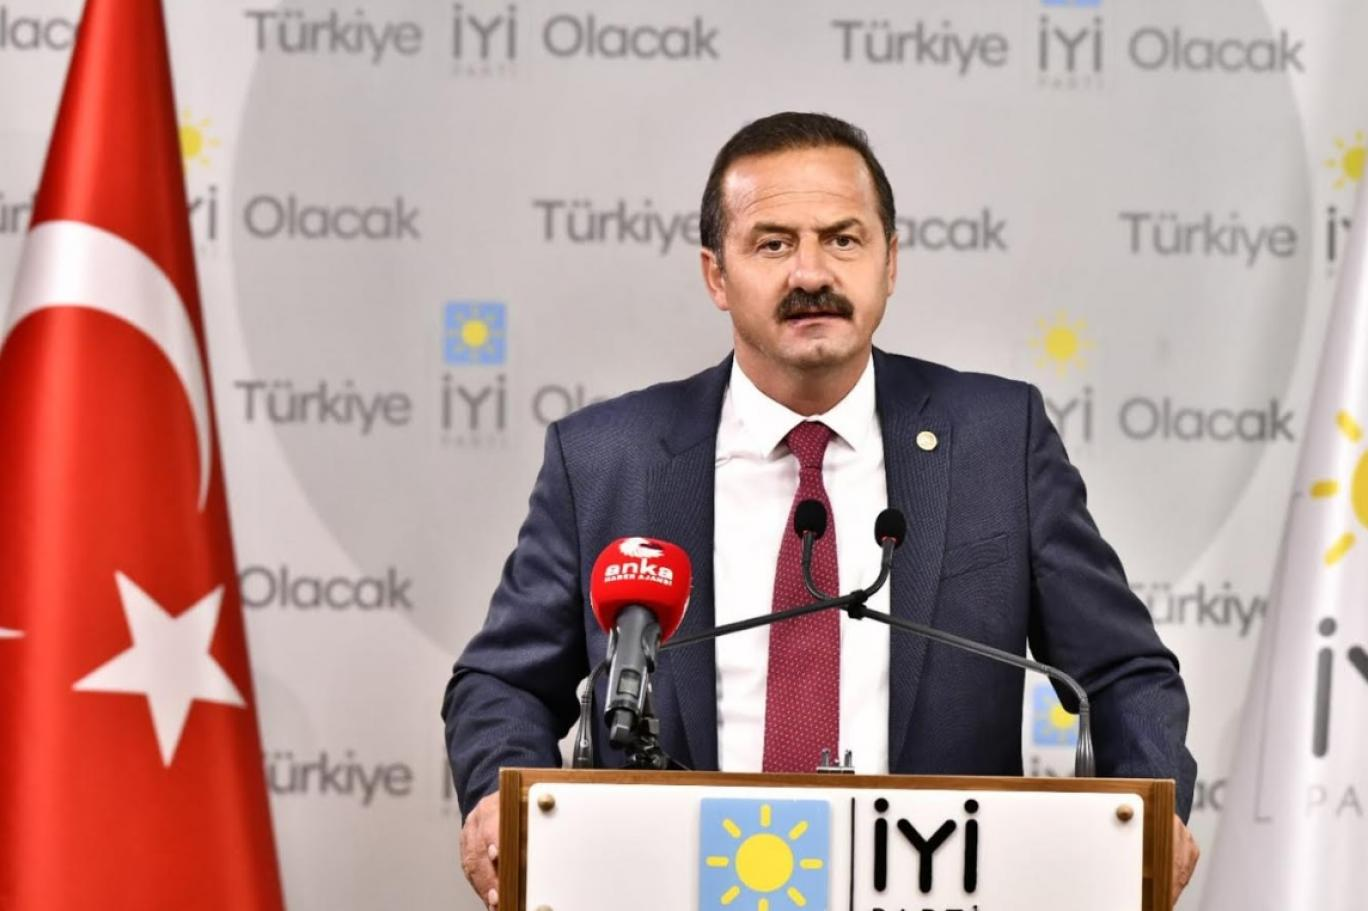 İYİ Partili Ağıralioğlu: HDP ve yöneticilerini meşru görseydik, AK Parti ile siyaset yapardık | Independent Türkçe